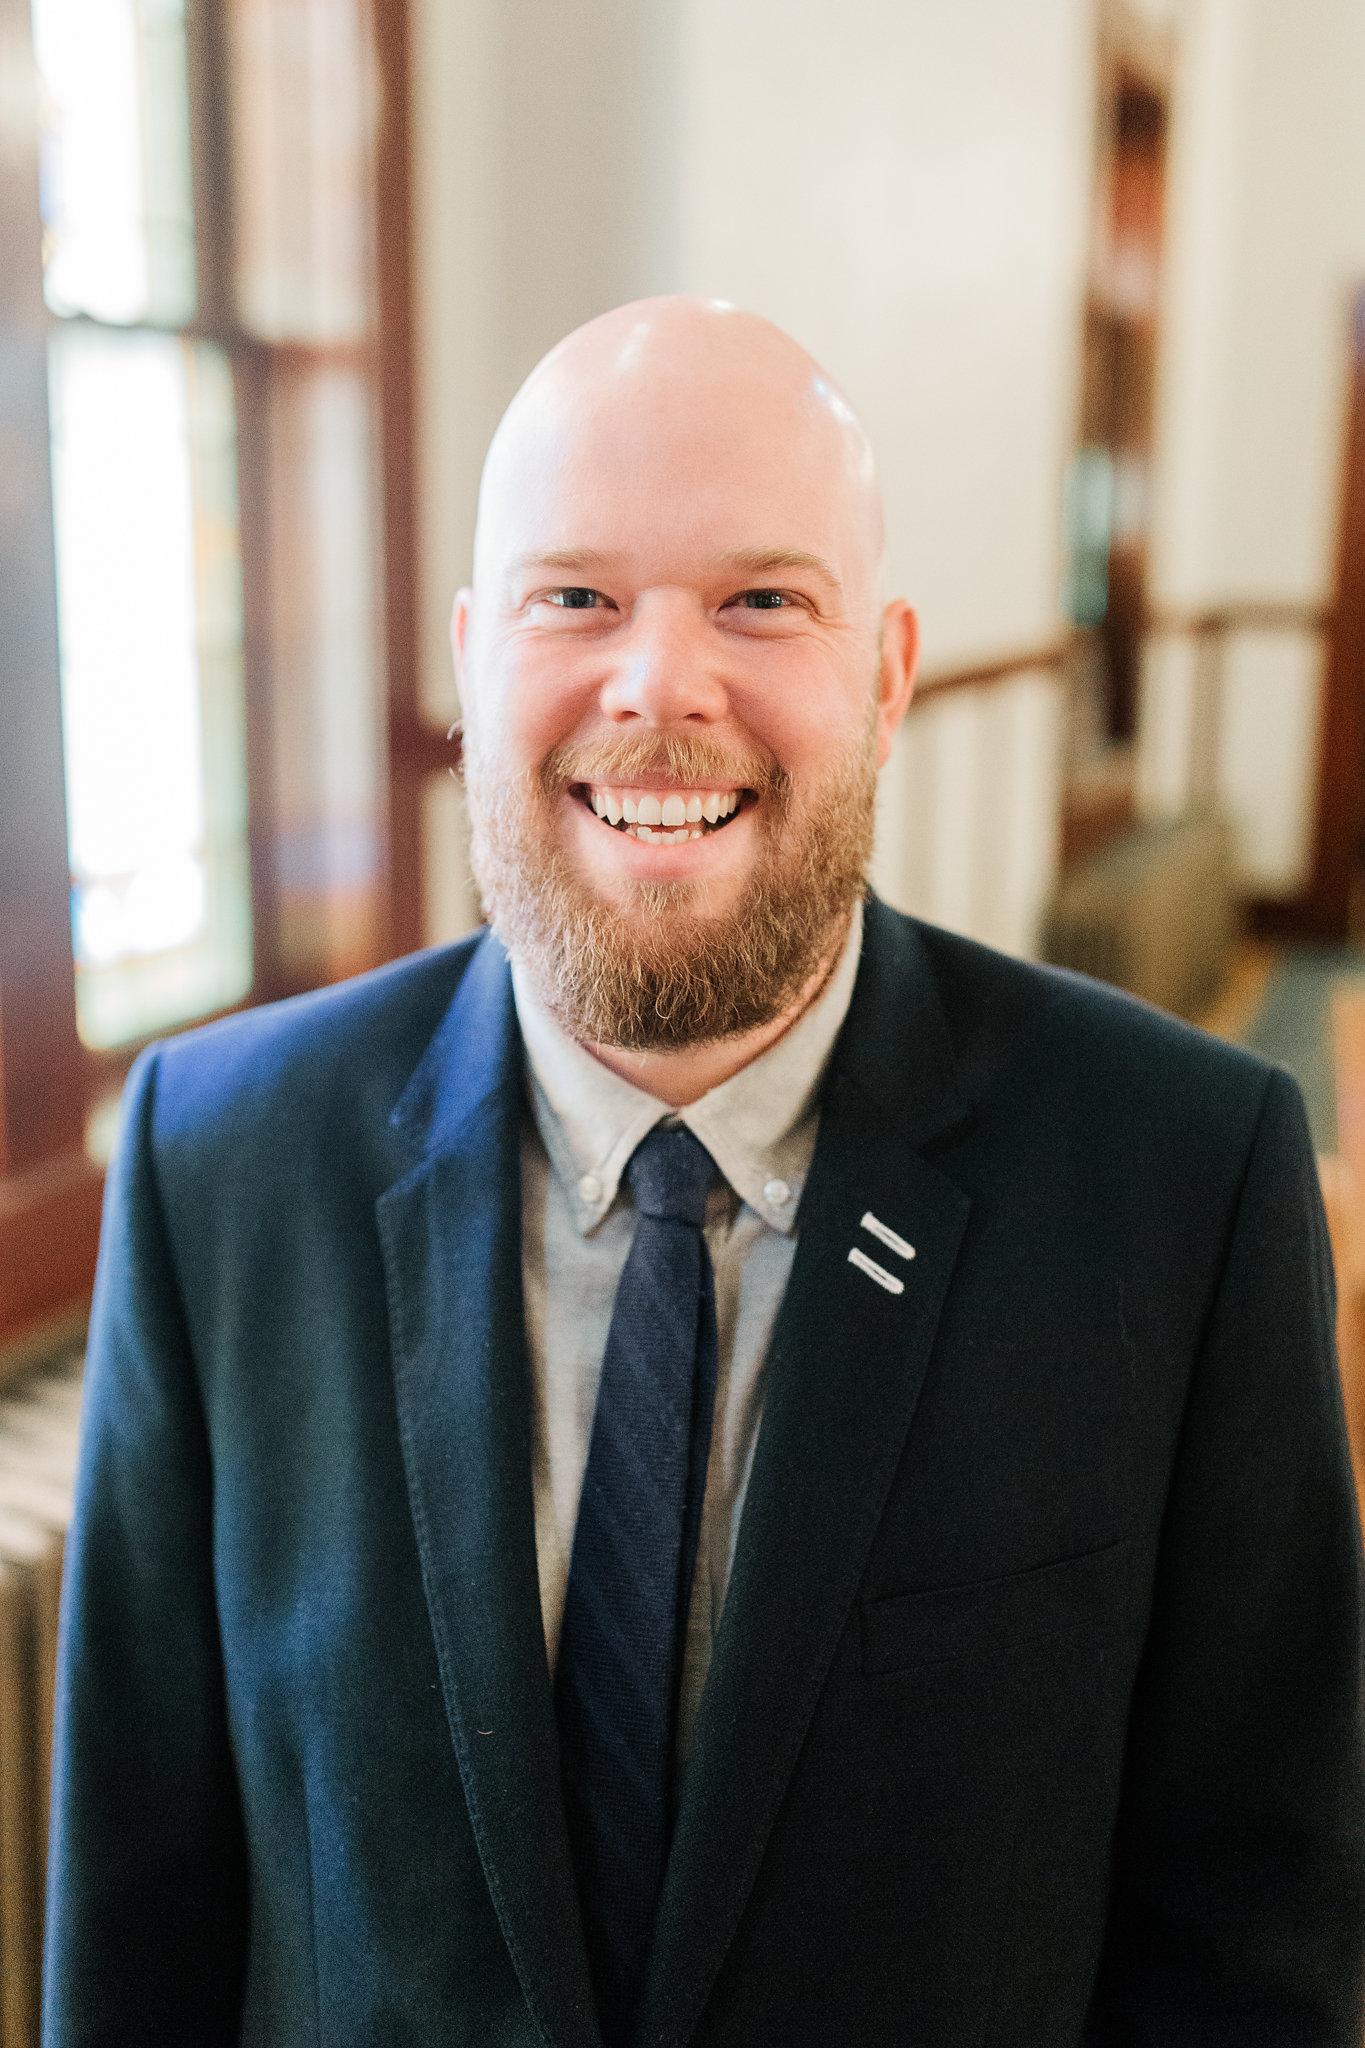 Dan Berkholder, Ogden Christian Pastor